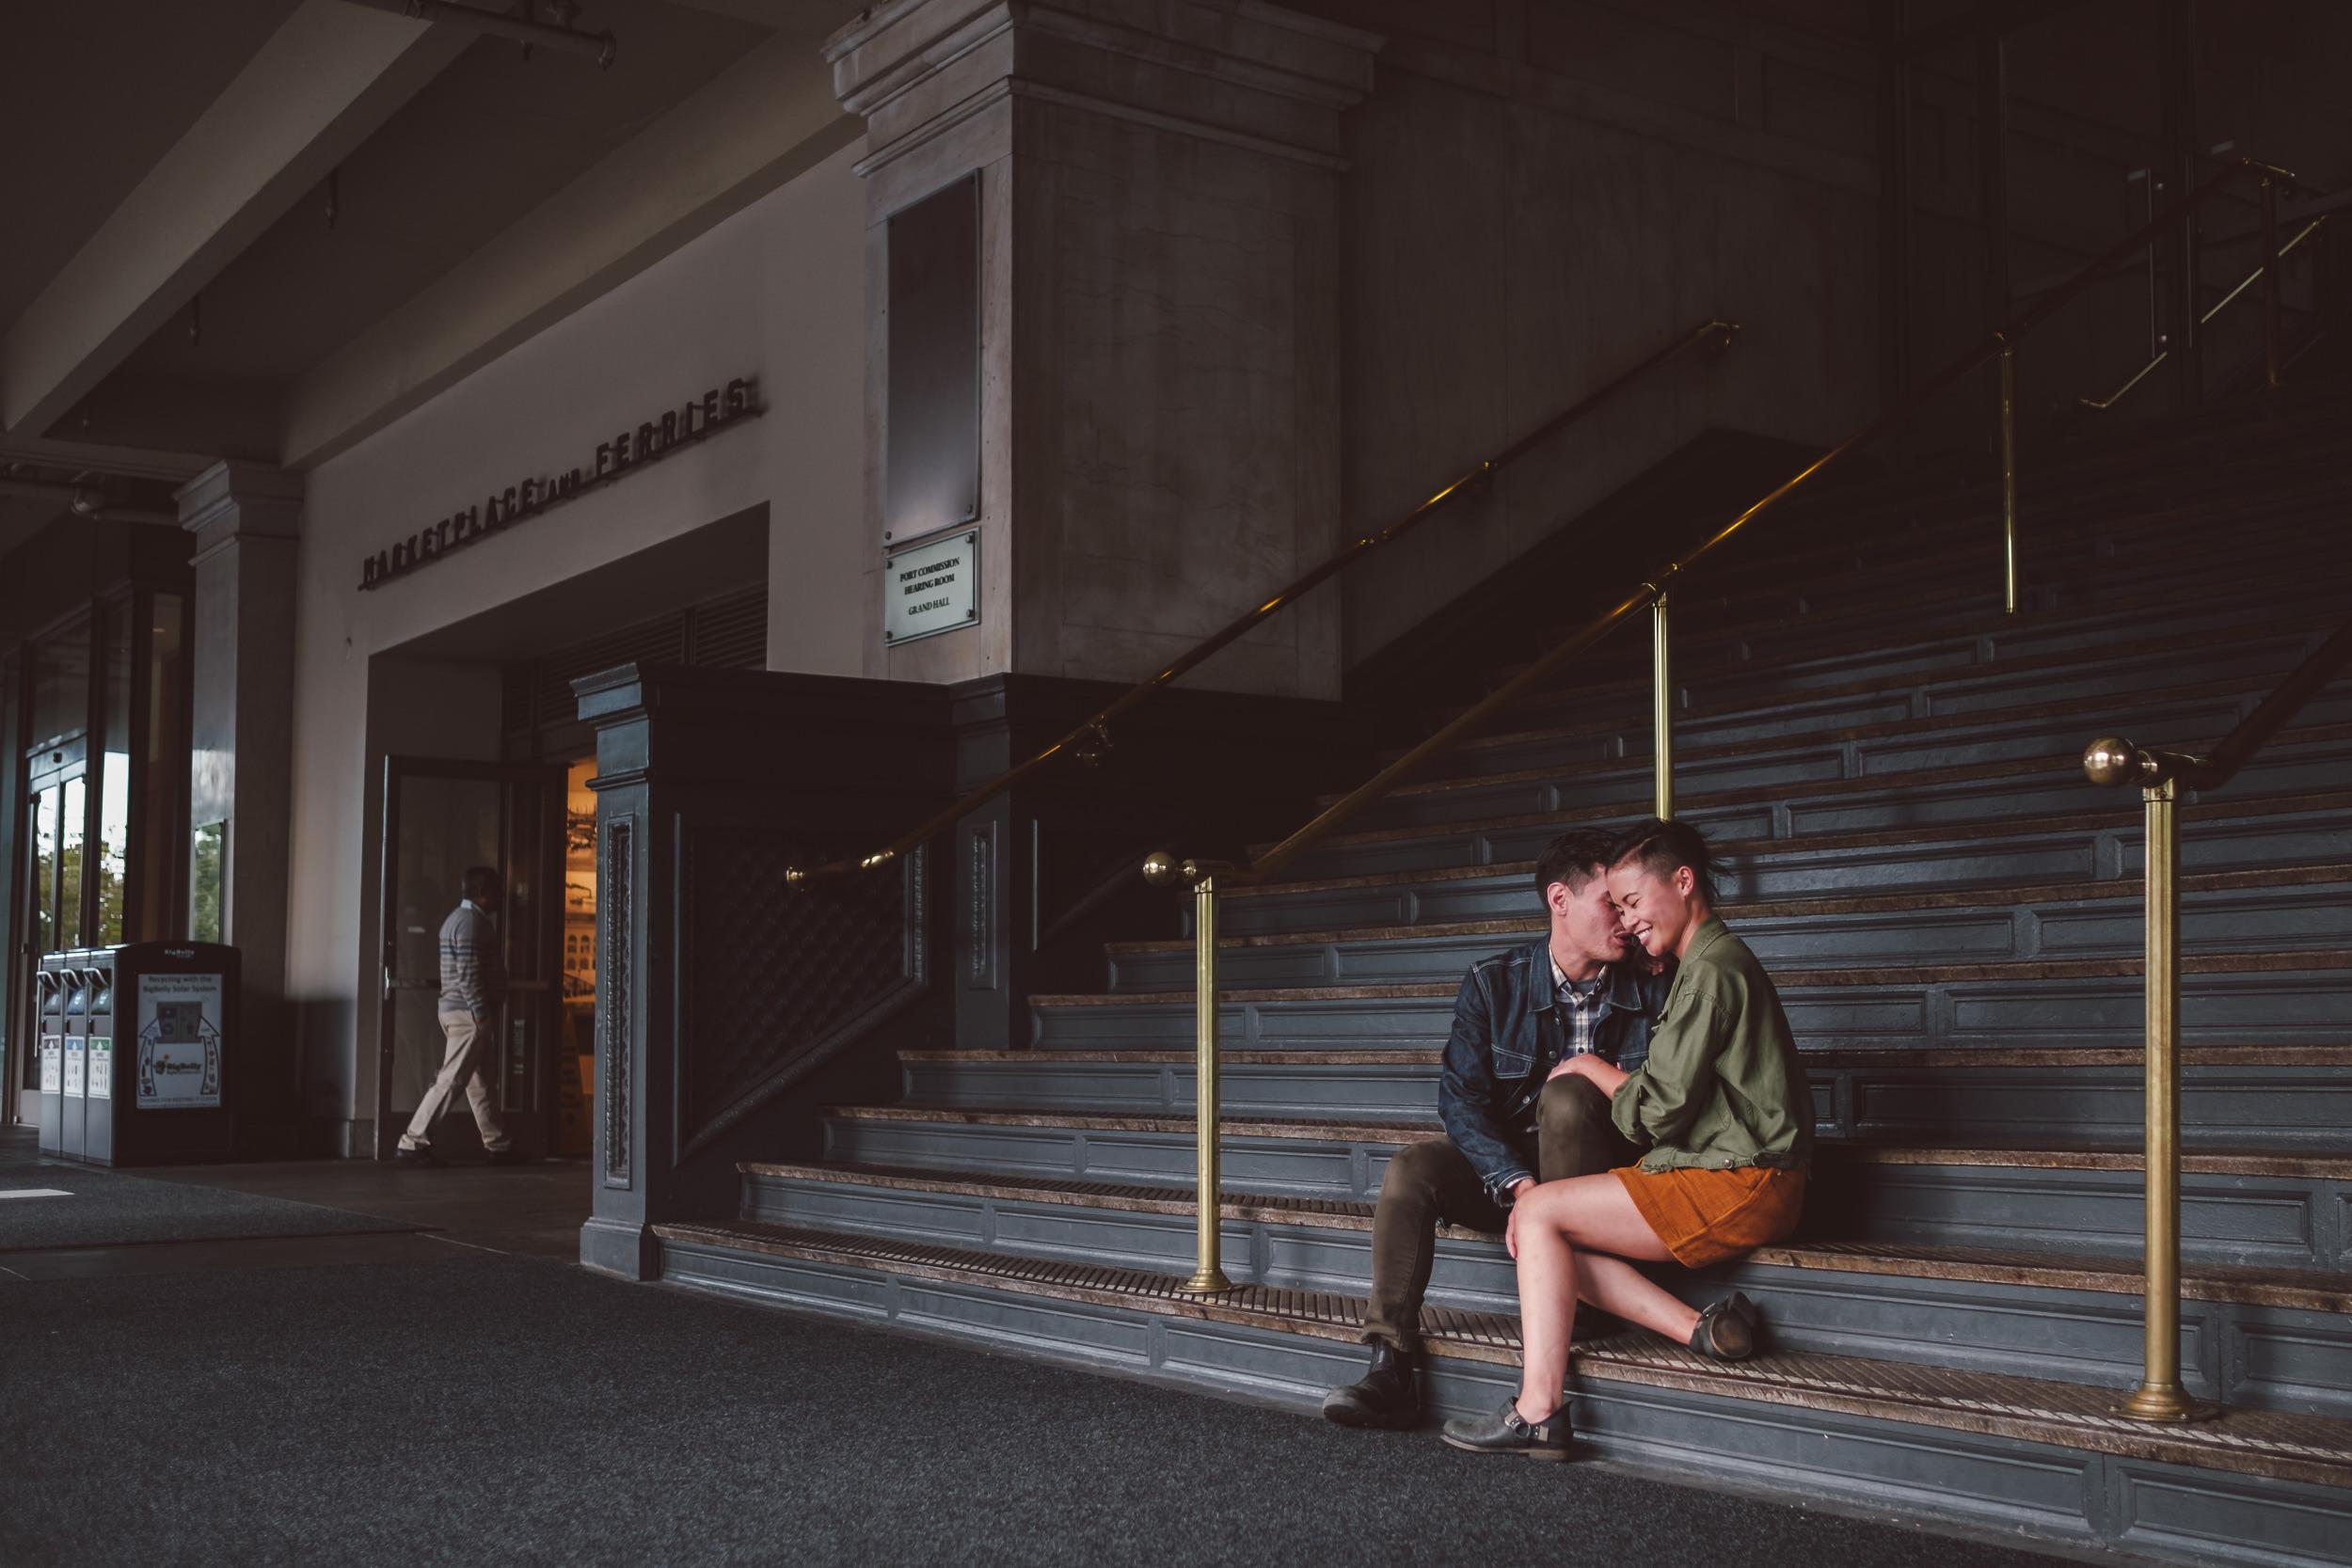 San-Francisco-Embarcadero-Engagement-Photos-002.jpg